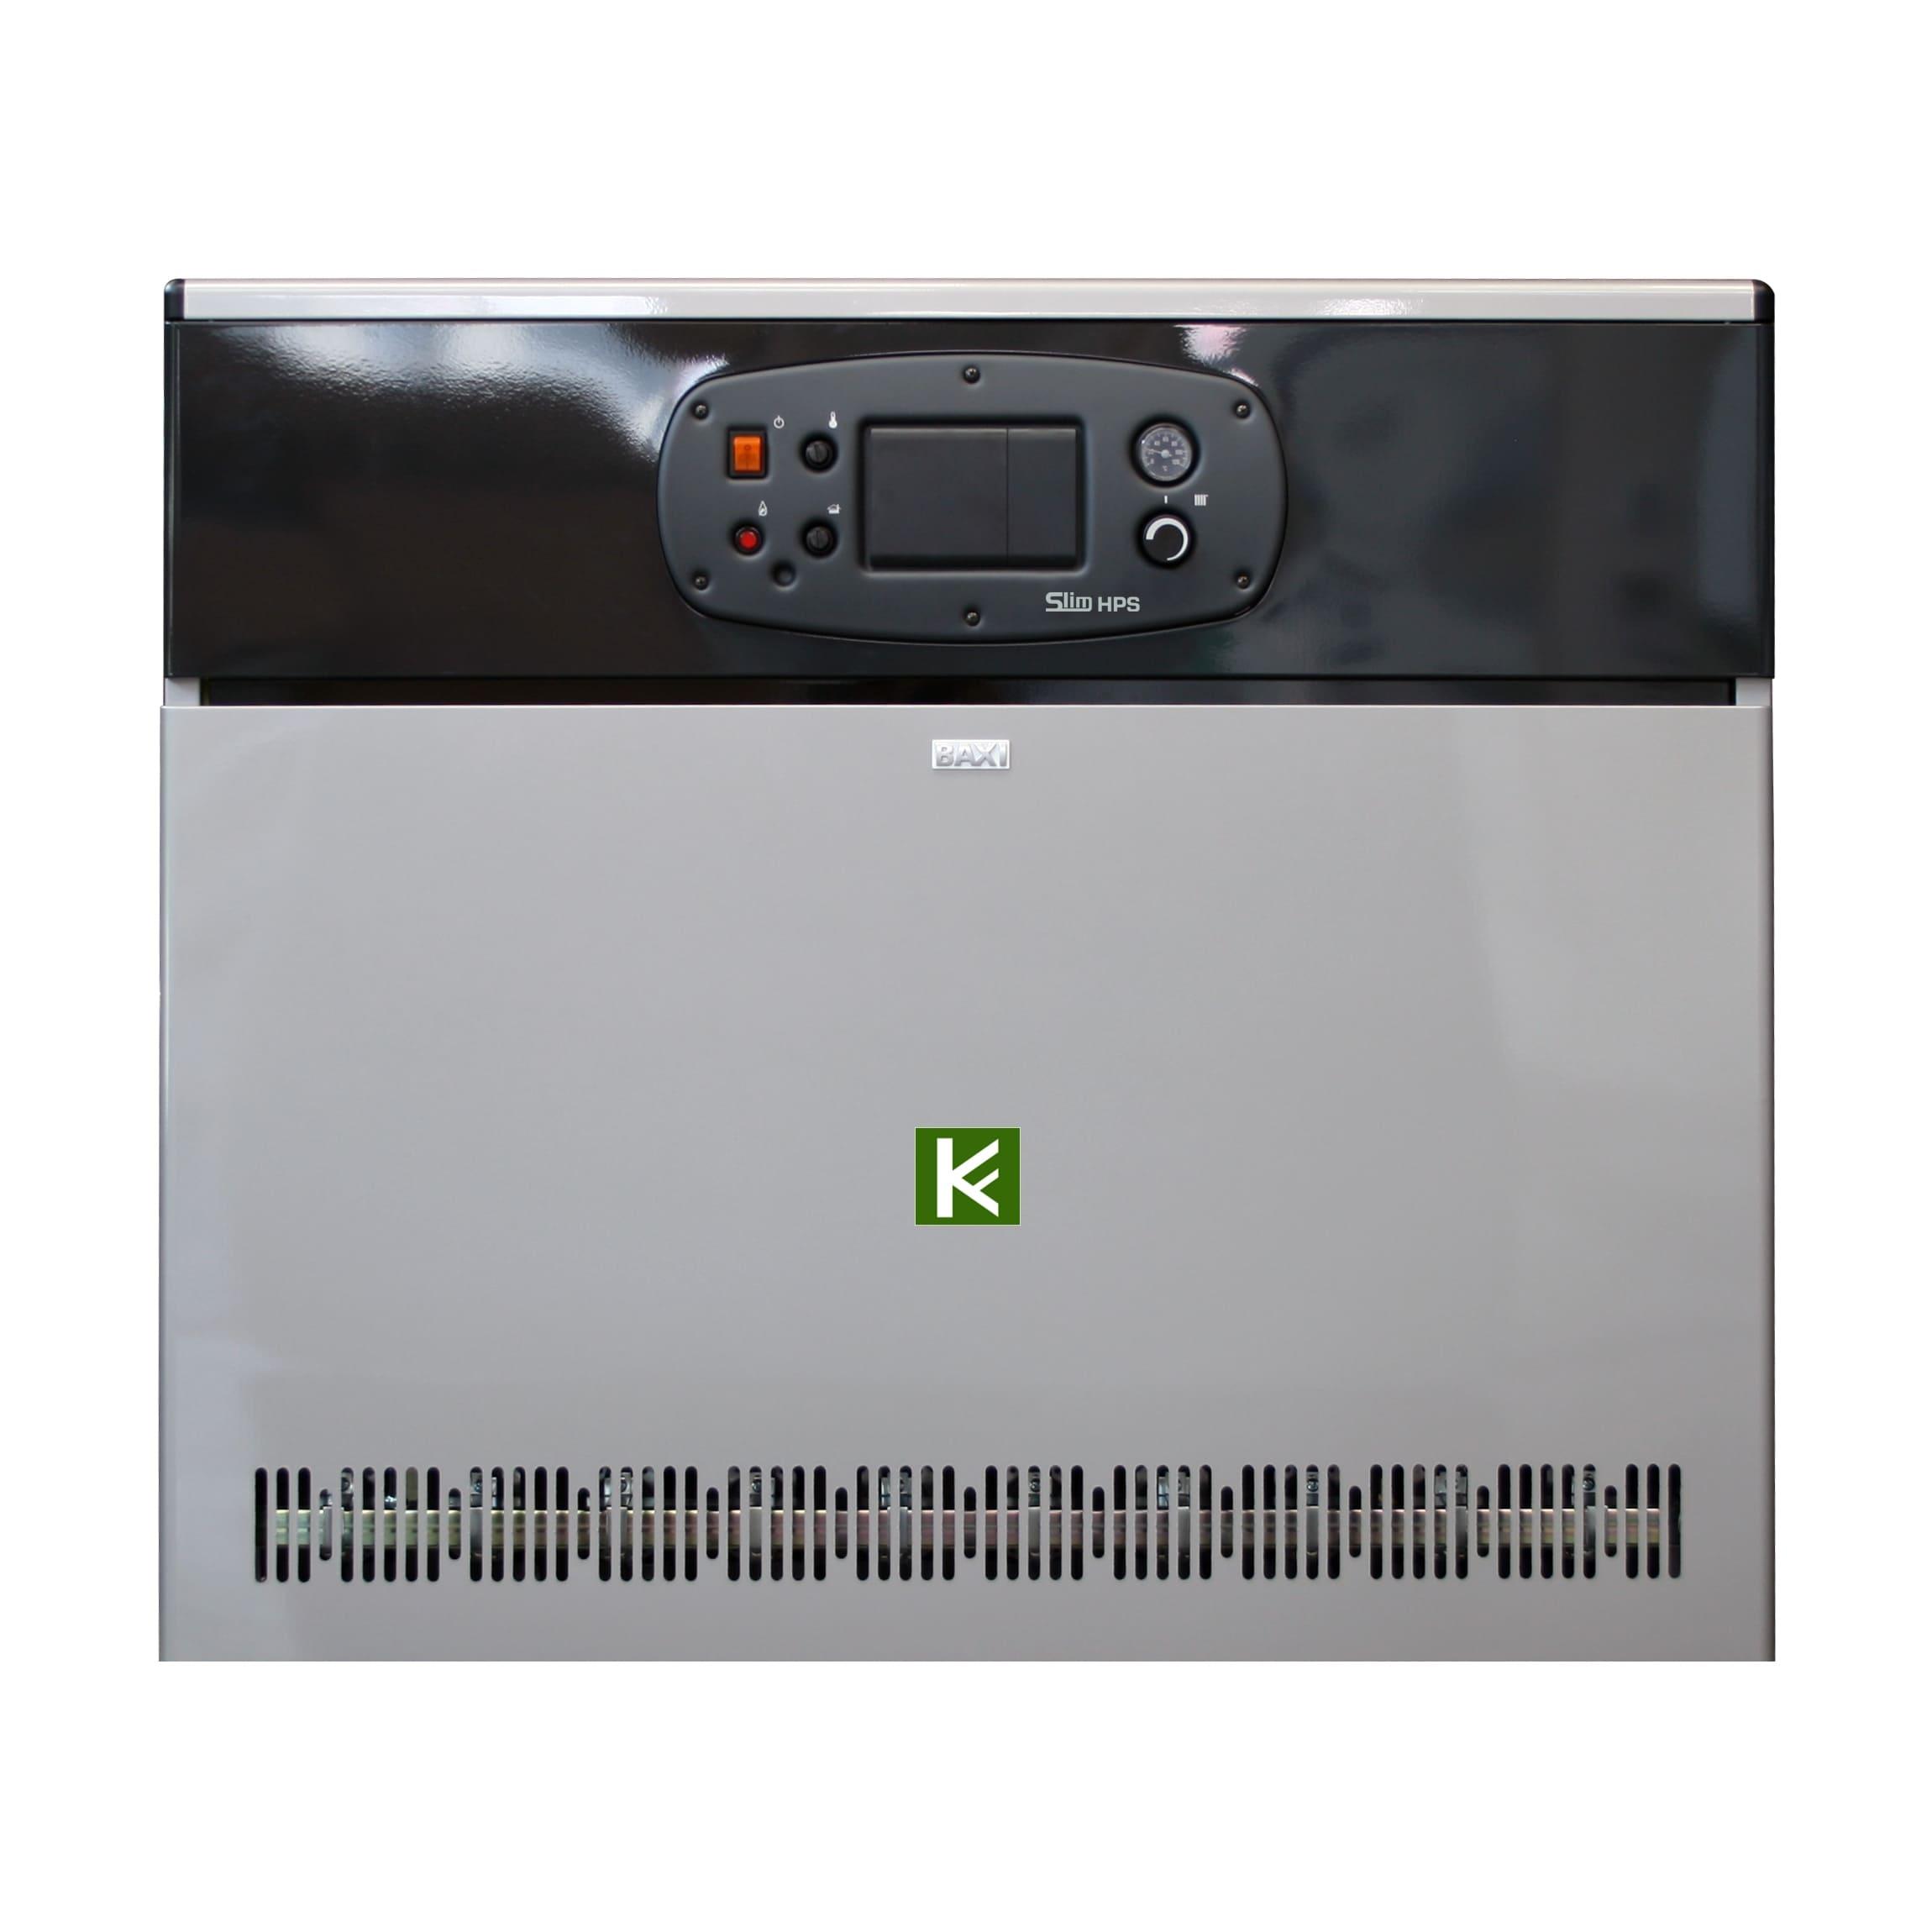 котел Baxi Slim HPS - напольные газовые котлы отопления Бакси